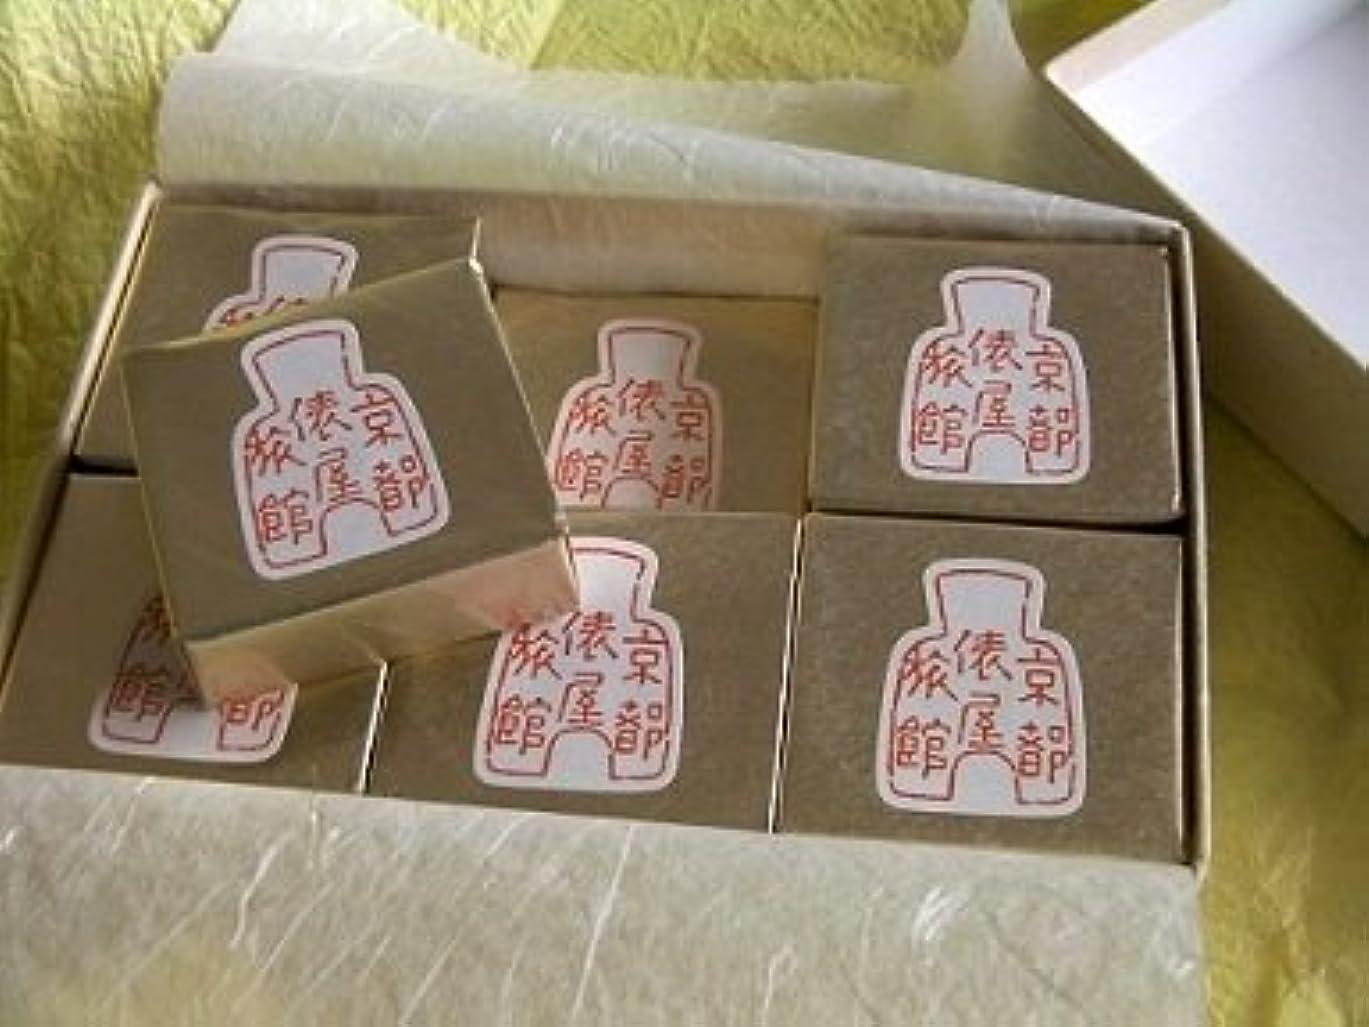 気難しいミニギャング俵屋旅館 俵屋の石鹸 12個入り 【ギフト包装&紙袋付き】 製造元:松山油脂 通販